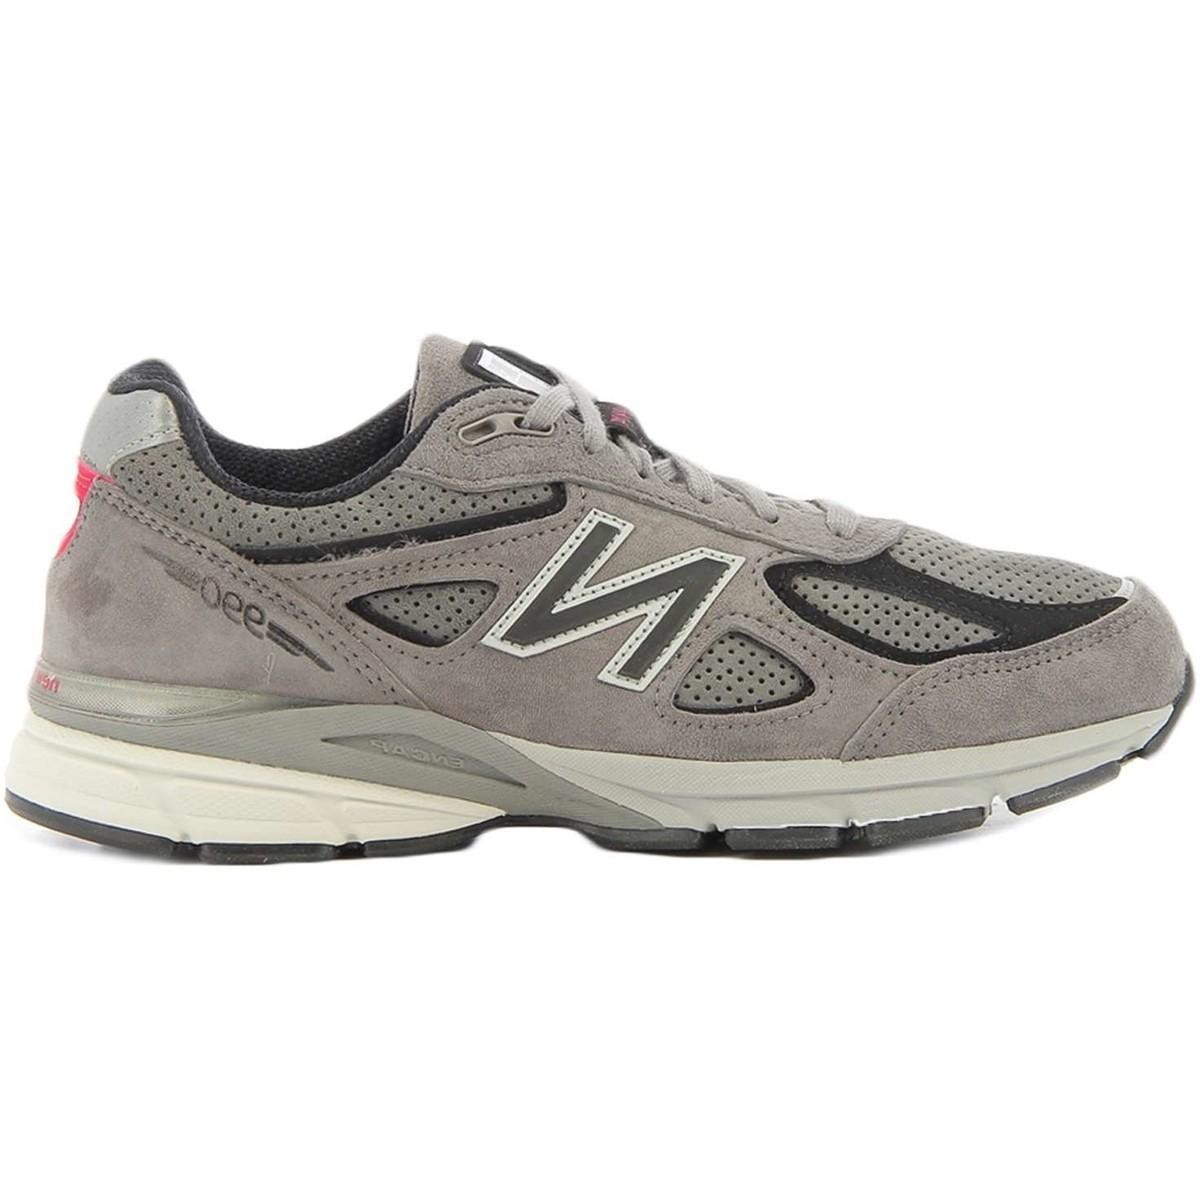 galerie de chaussures New Balance